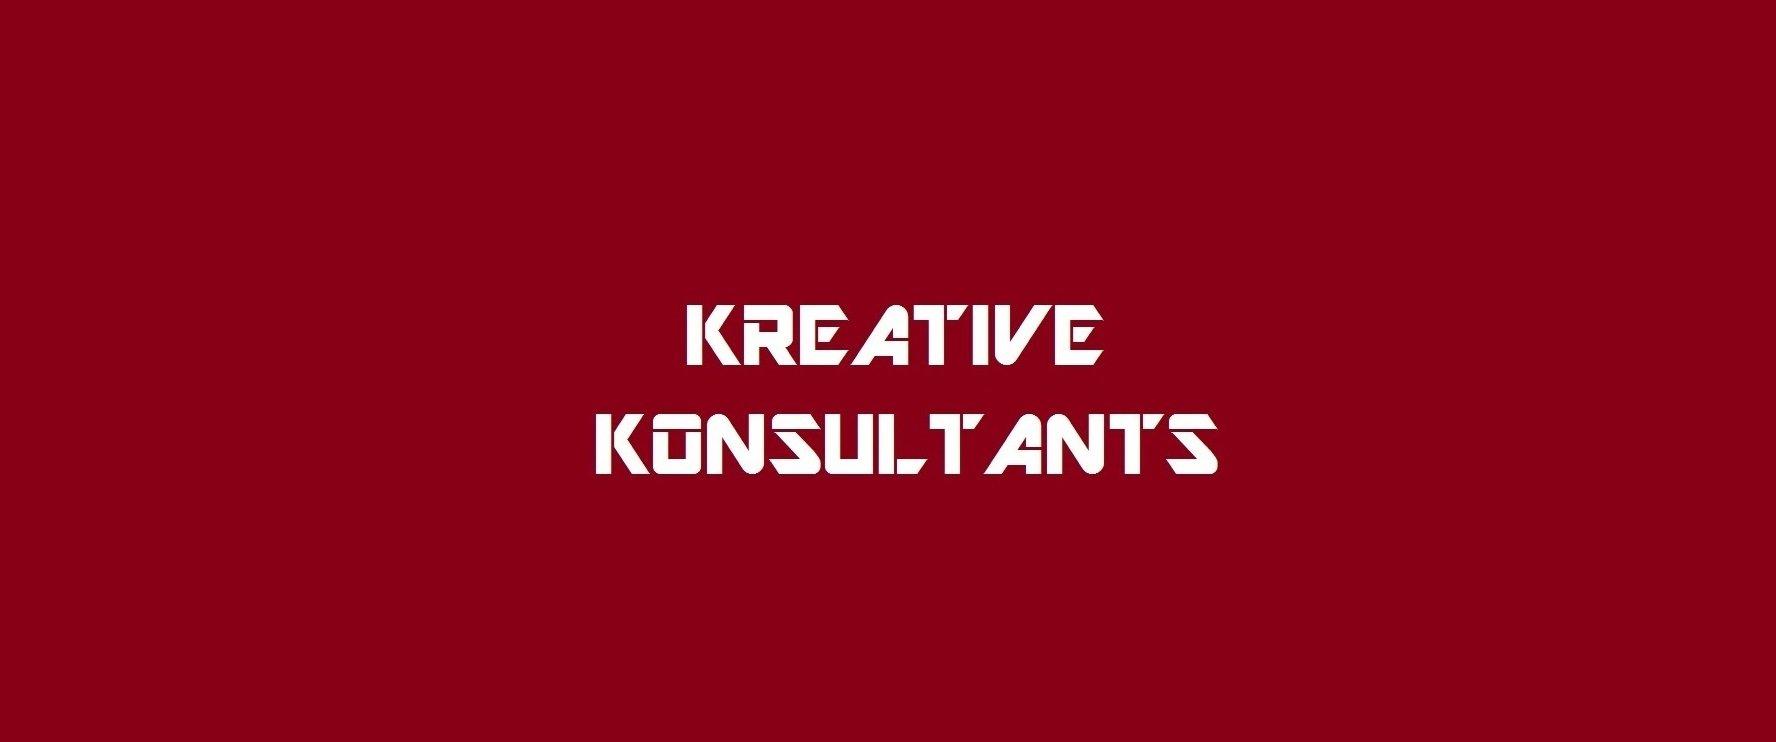 Kreative Konsultants